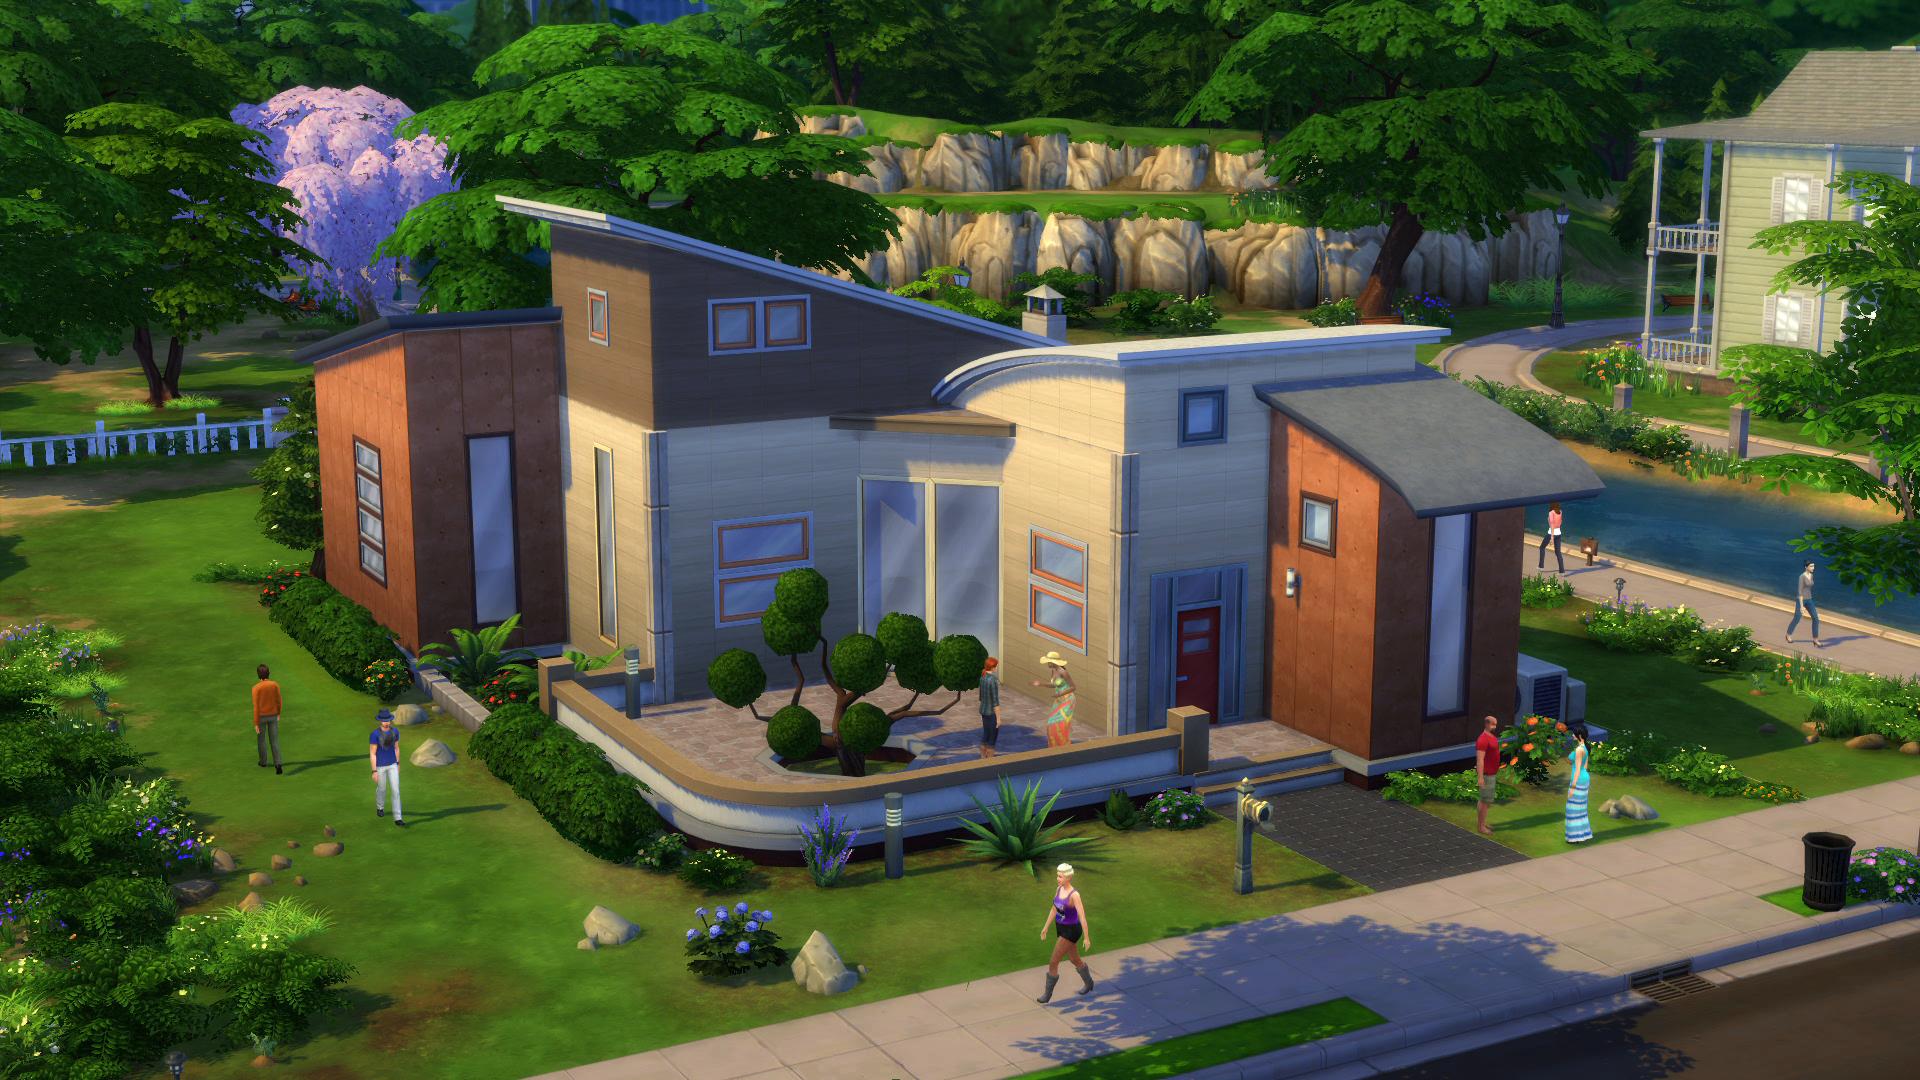 So erstellt ihr einfach traumh user in sims 4 gentv for Sims 4 dach bauen